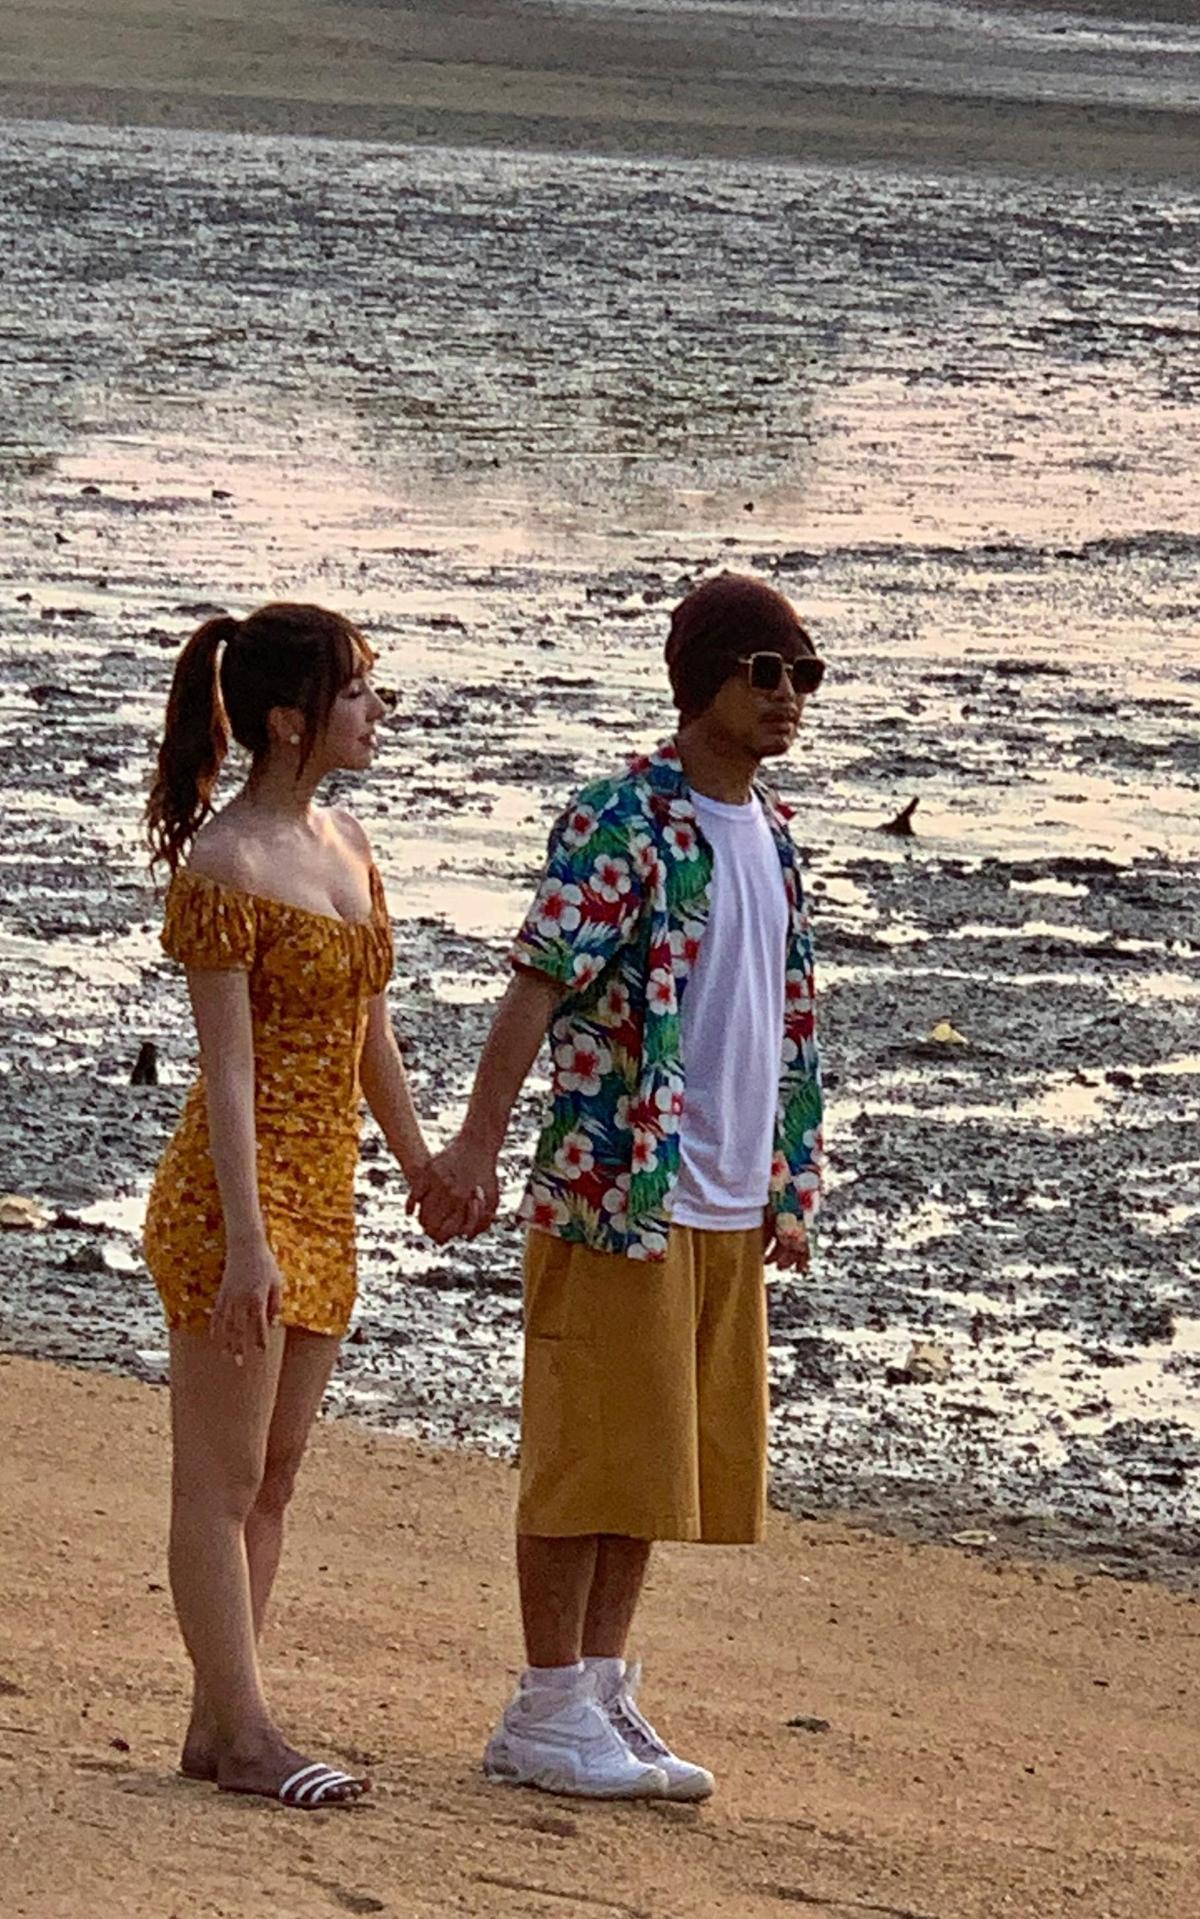 黃明志牽著三上悠亞漫步沙灘,笑說其實自己心裡一直默念心經。(日本pierrot提供)